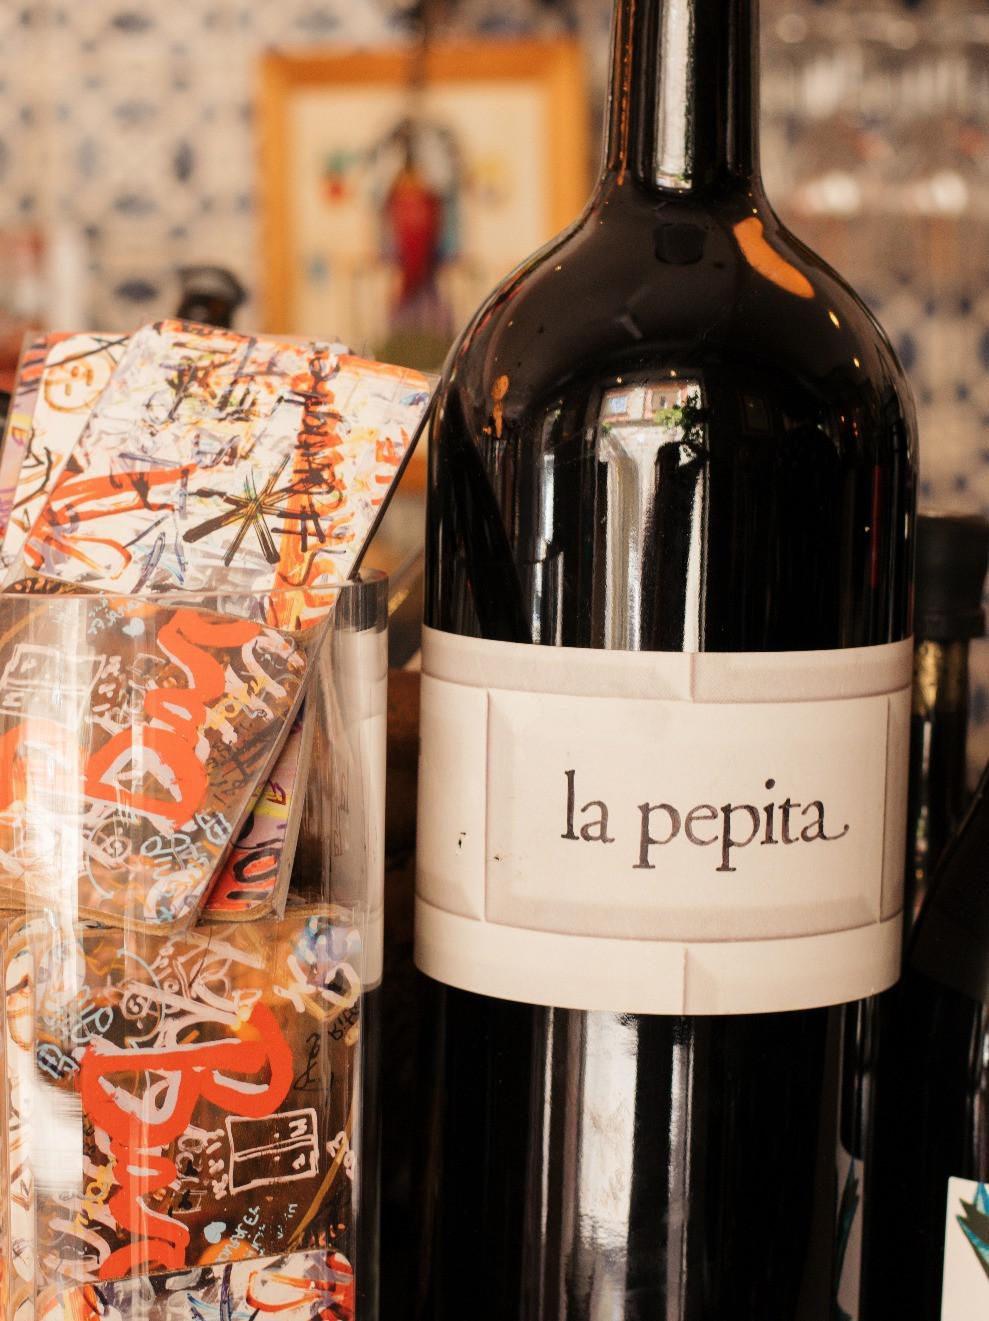 my foodie friend barcelona la pepita wine bottle